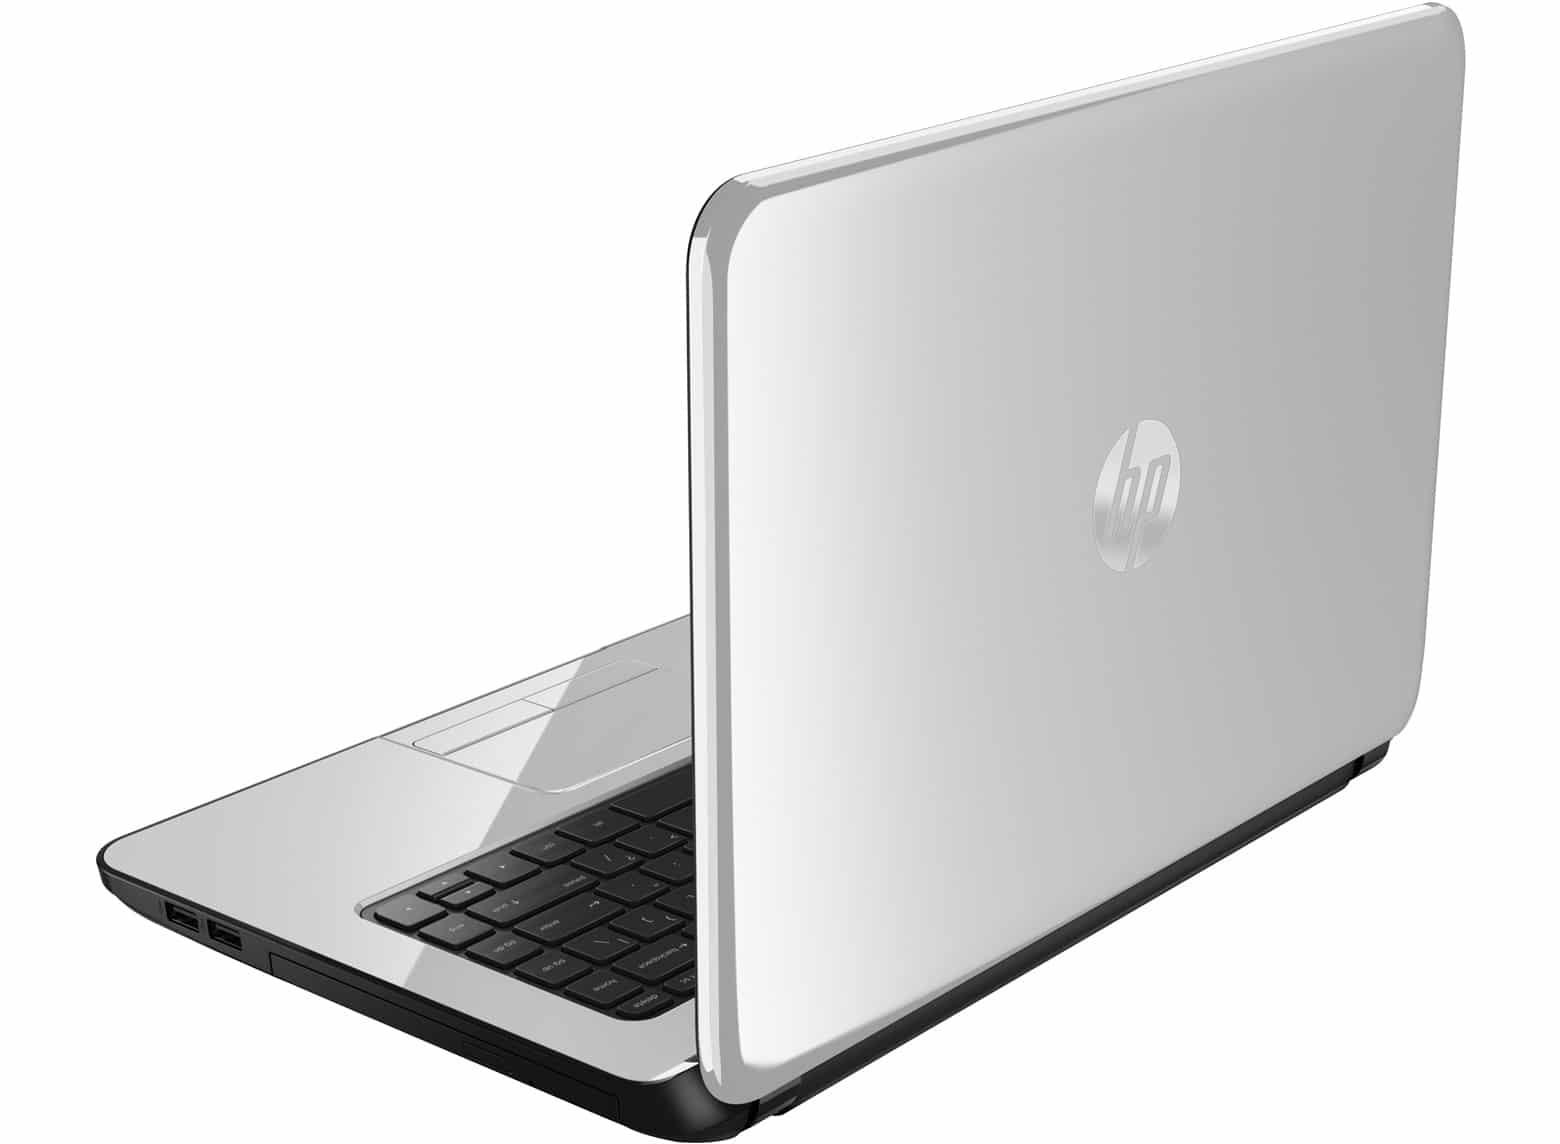 Soldes 449€ – HP 14-r207nf, PC portable de 14 pouces   LaptopSpirit bbff5ec5f6e8